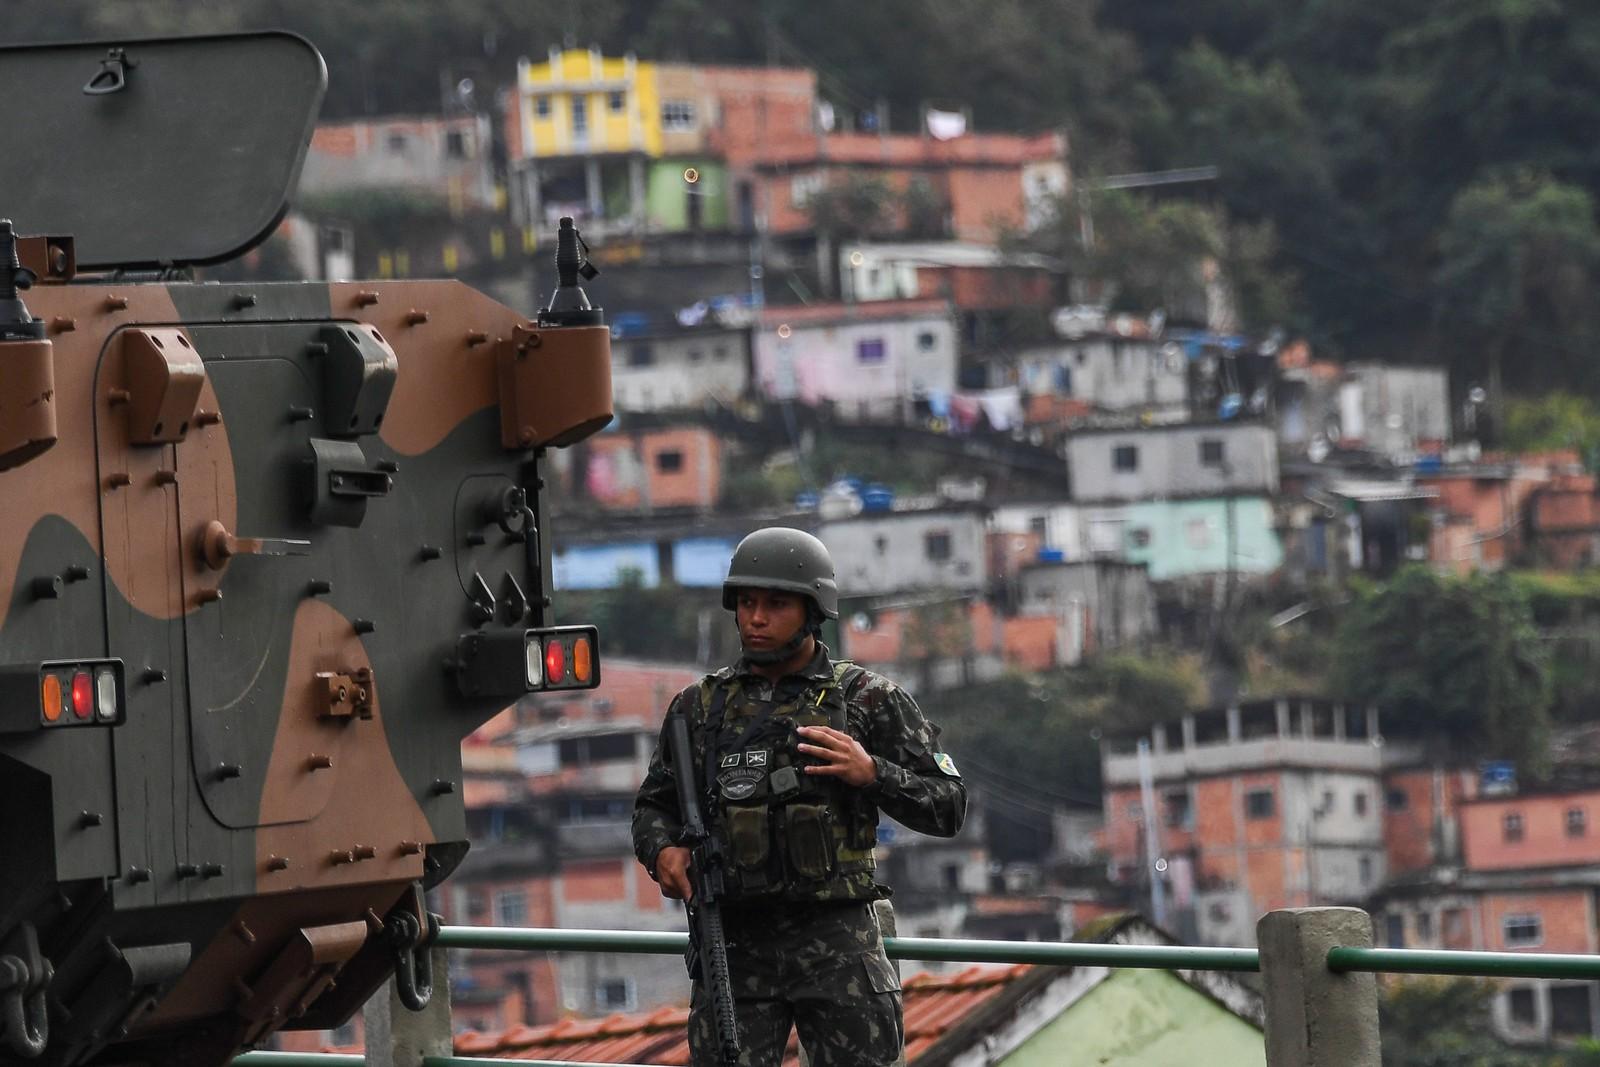 Importantes vias do Rio tiveram o fluxo interrompido, como a Autoestrada Grajaú-Jacarepaguá (Foto: Apu Gomes / AFP)